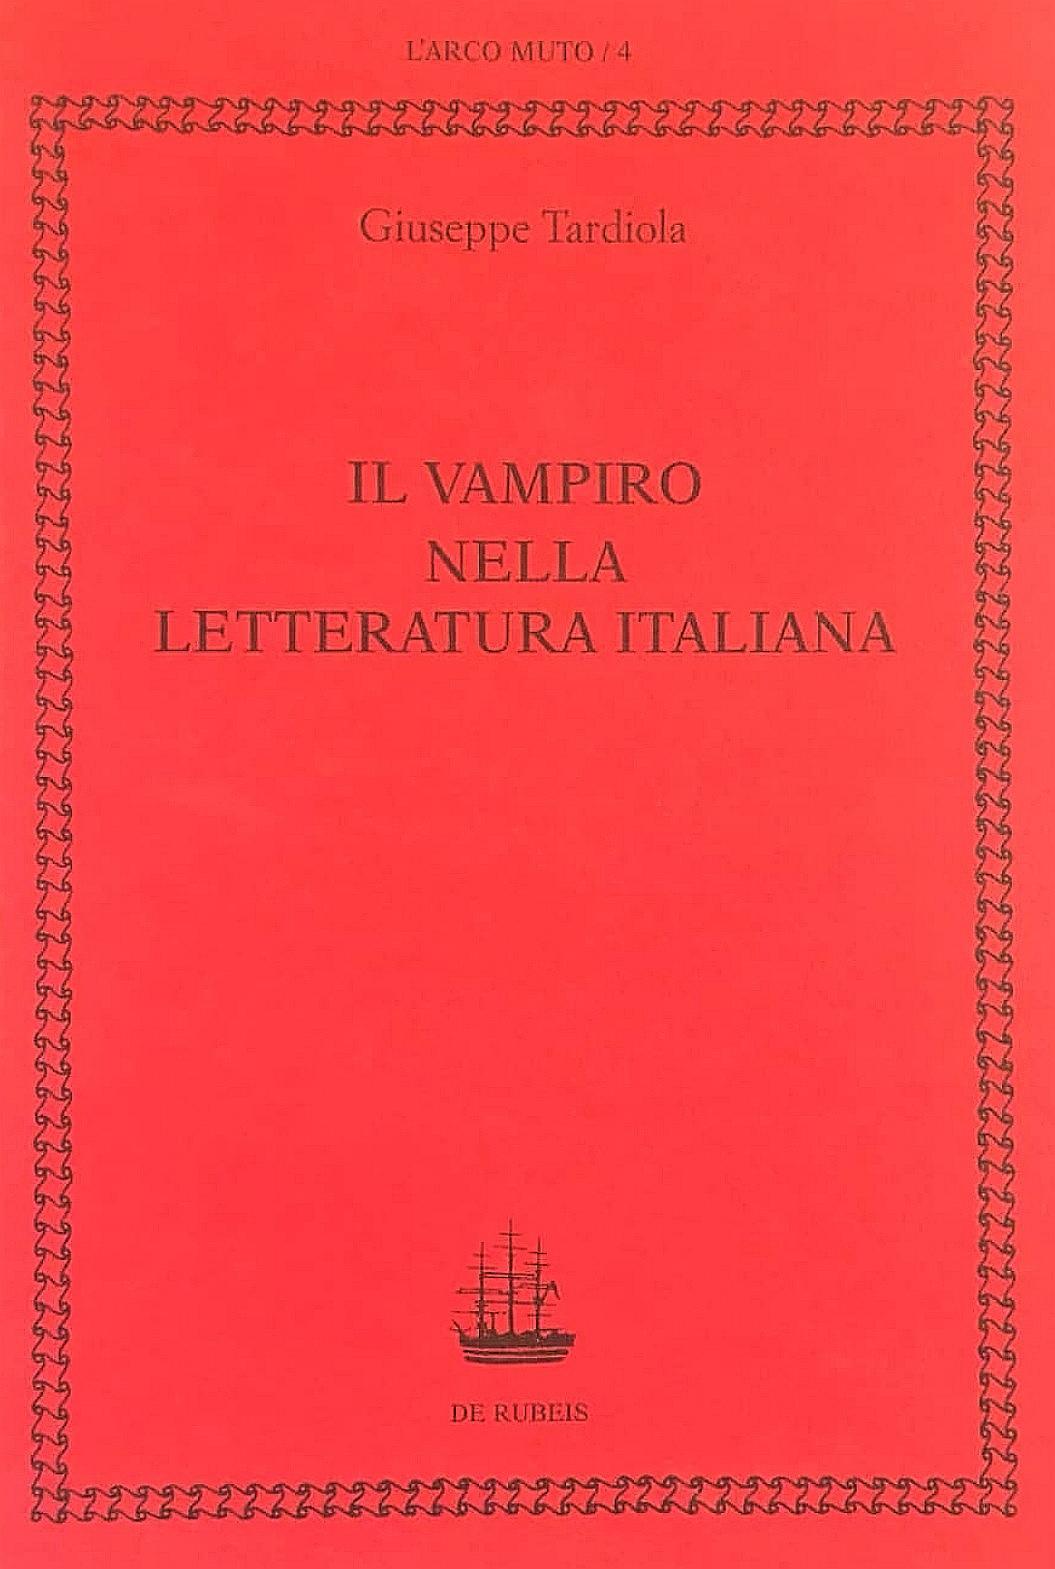 Il vampiro nella letteratura italiana